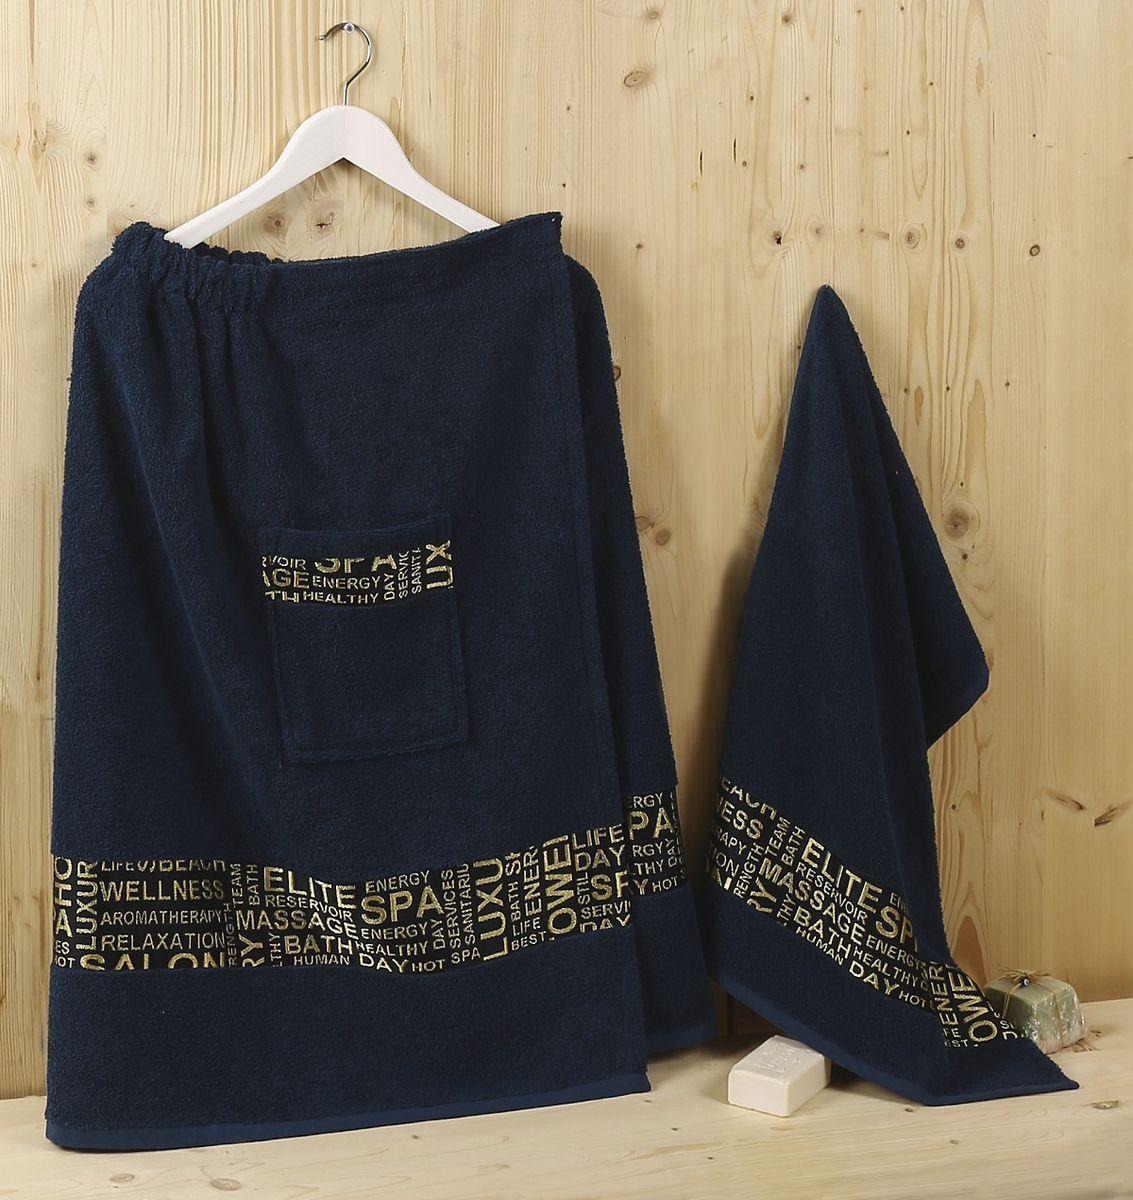 Набор для сауны Karna Relax, цвет: синий, 2 предметаZ-0307Махровый мужской набор для сауны Relax изготавливают из высококачественного 100% хлопка. Хлопковые нити прядутся из длинных волокон. Длина волокон хлопковой нити влияет на свойства ткани, чем длиннее волокна, тем махровое изделие прочнее, пушистее и мягче на ощупь. А также махровое изделие будет отлично впитывать воду и быстро сохнуть. На впитывающие качества махры (ее гигроскопичность) конечно же влияет состав волокон. Набор абсолютно не аллергенен, имеет высокую воздухопроницаемость и долгий срок использования.Состоит из килта и банного полотенца.